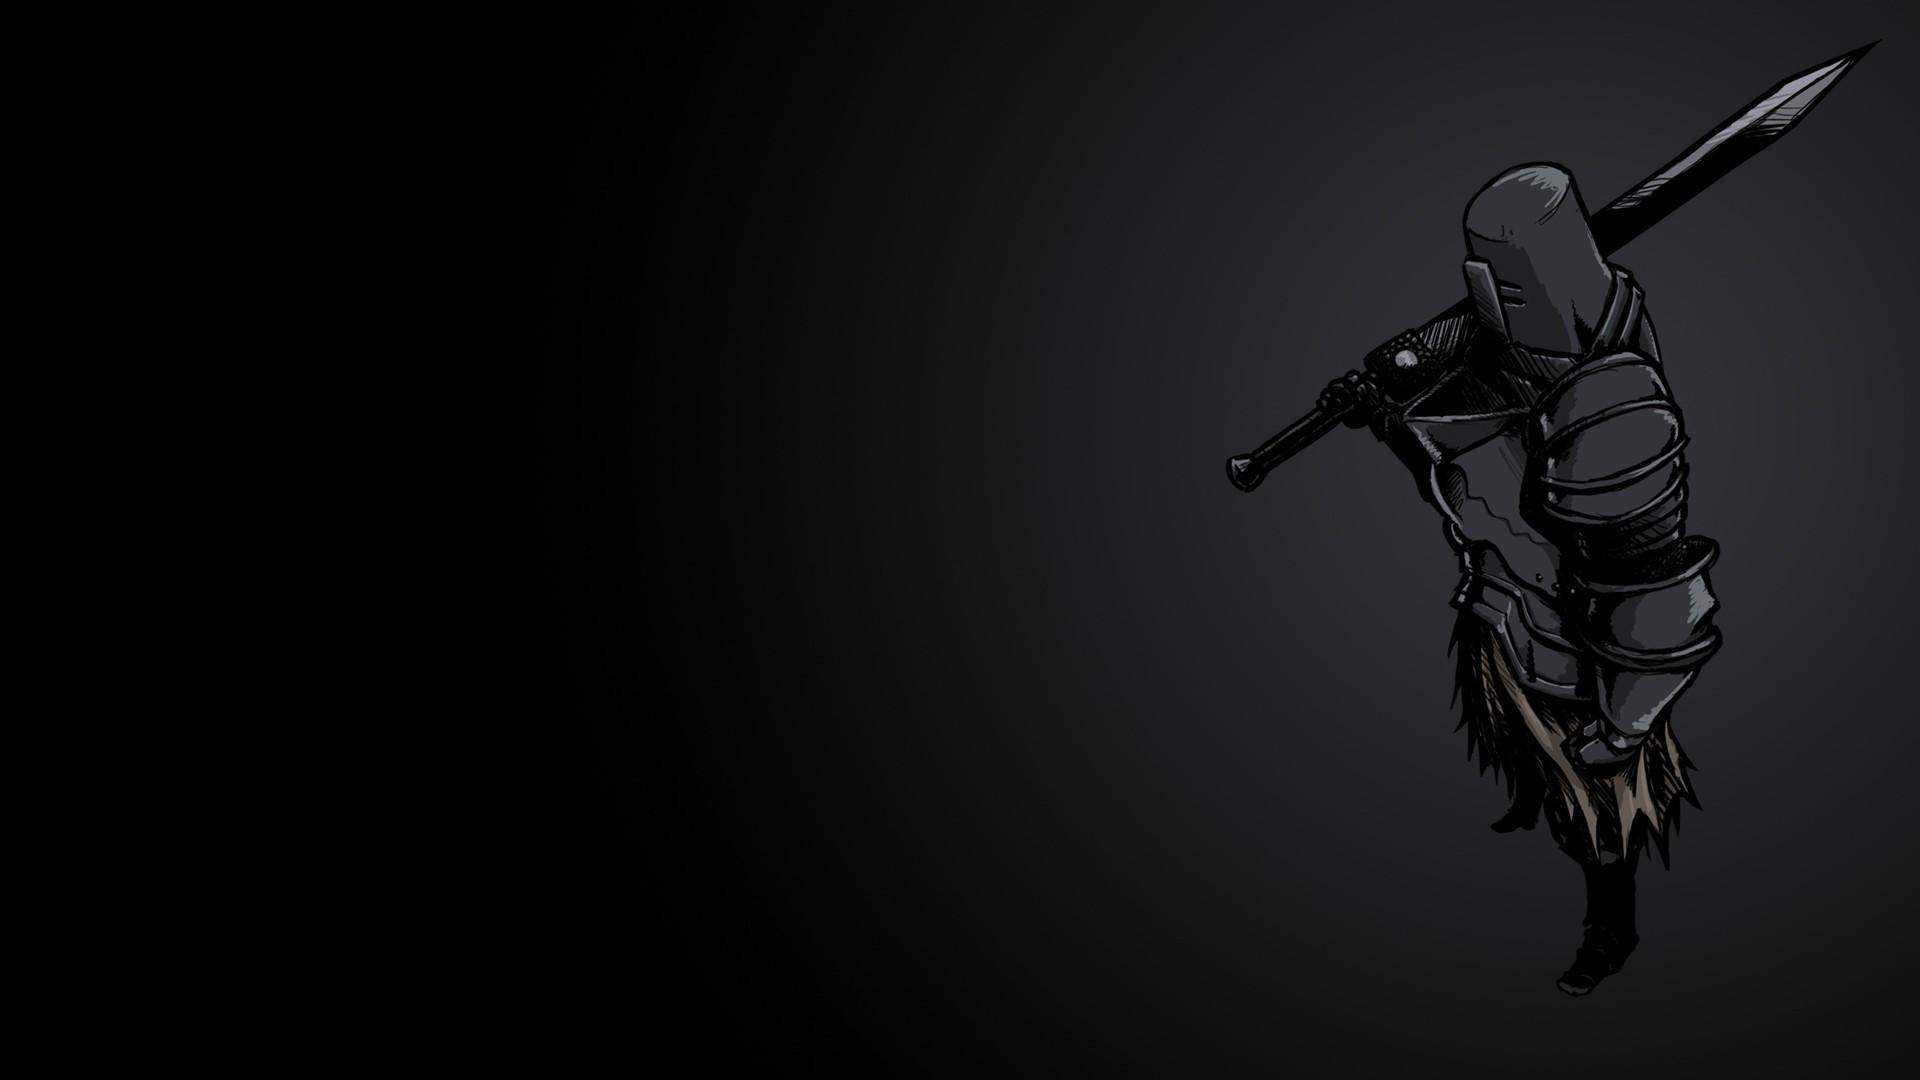 Dark Black Wallpapers HD Group (79+)